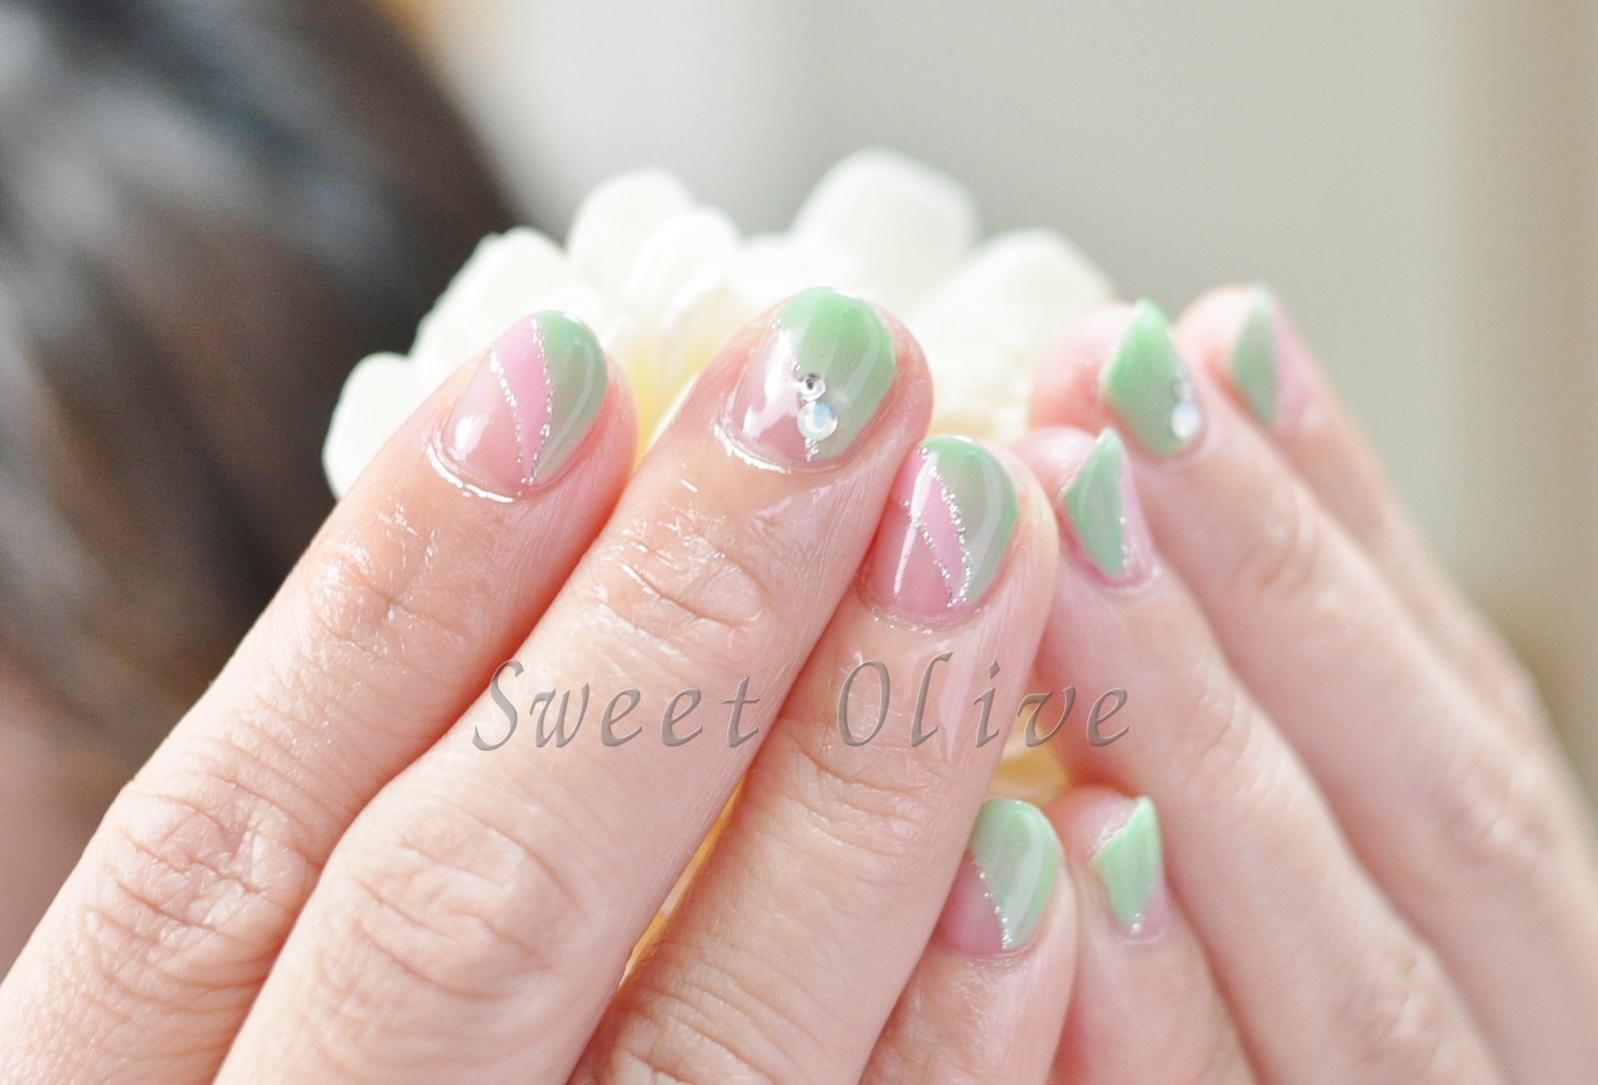 ダブルフレンチ,春カラー,グリーン,ピンク,春色,ジェルネイル